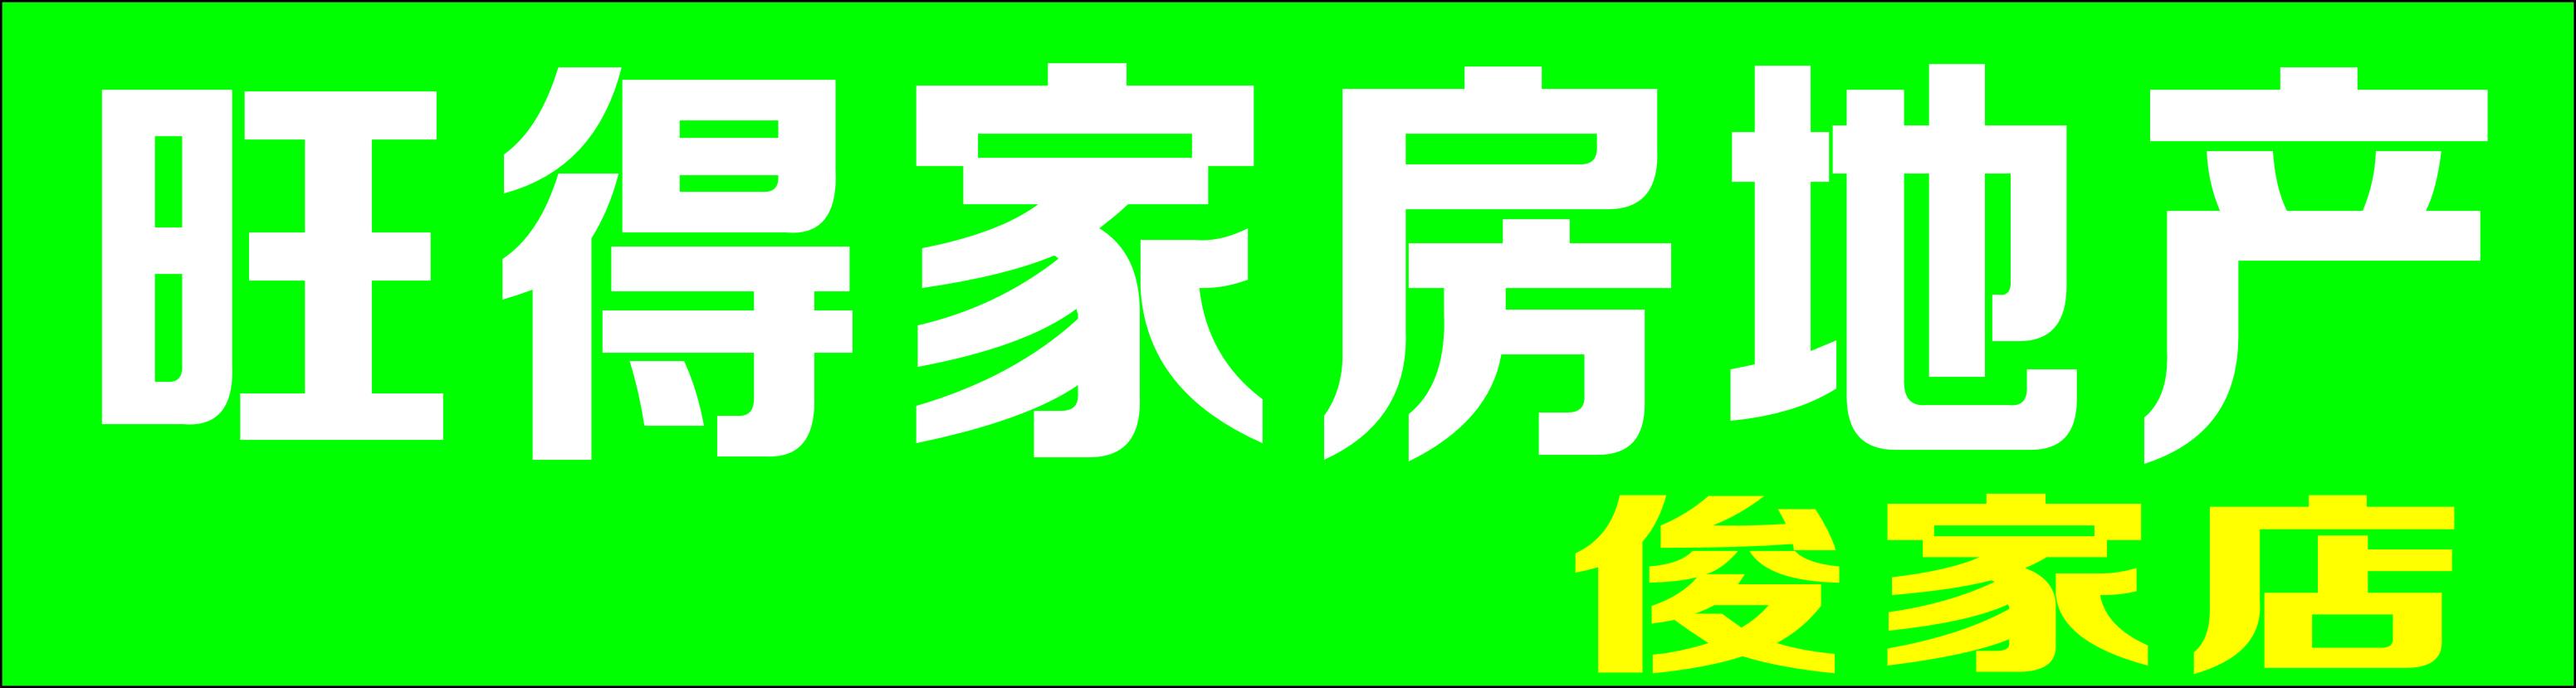 江西旺得家房地产经纪有限公司:俊家店